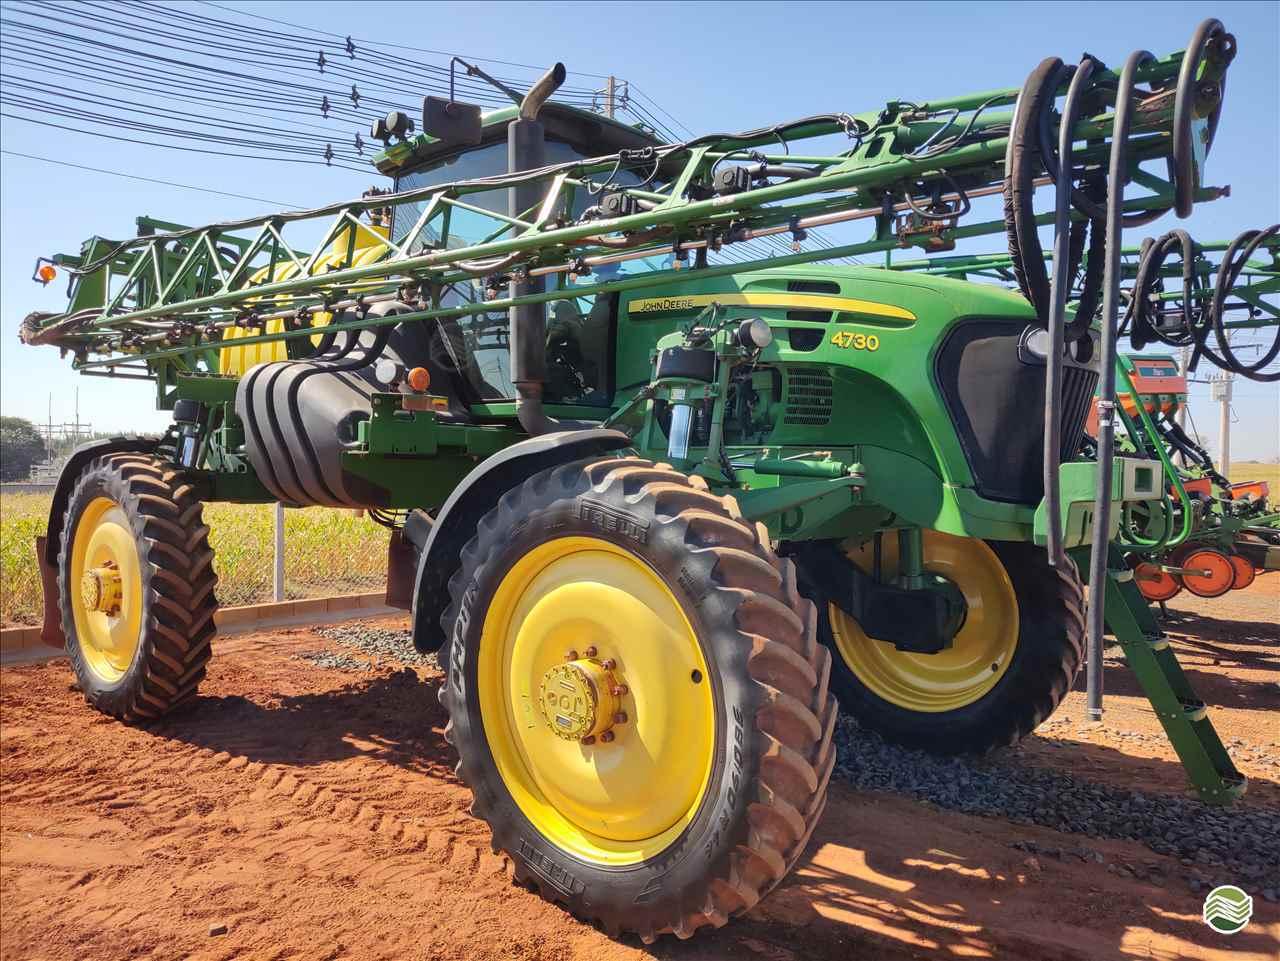 PULVERIZADOR JOHN DEERE JOHN DEERE 4730 Tração 4x4 Gama Máquinas Agrícolas RIO VERDE GOIAS GO